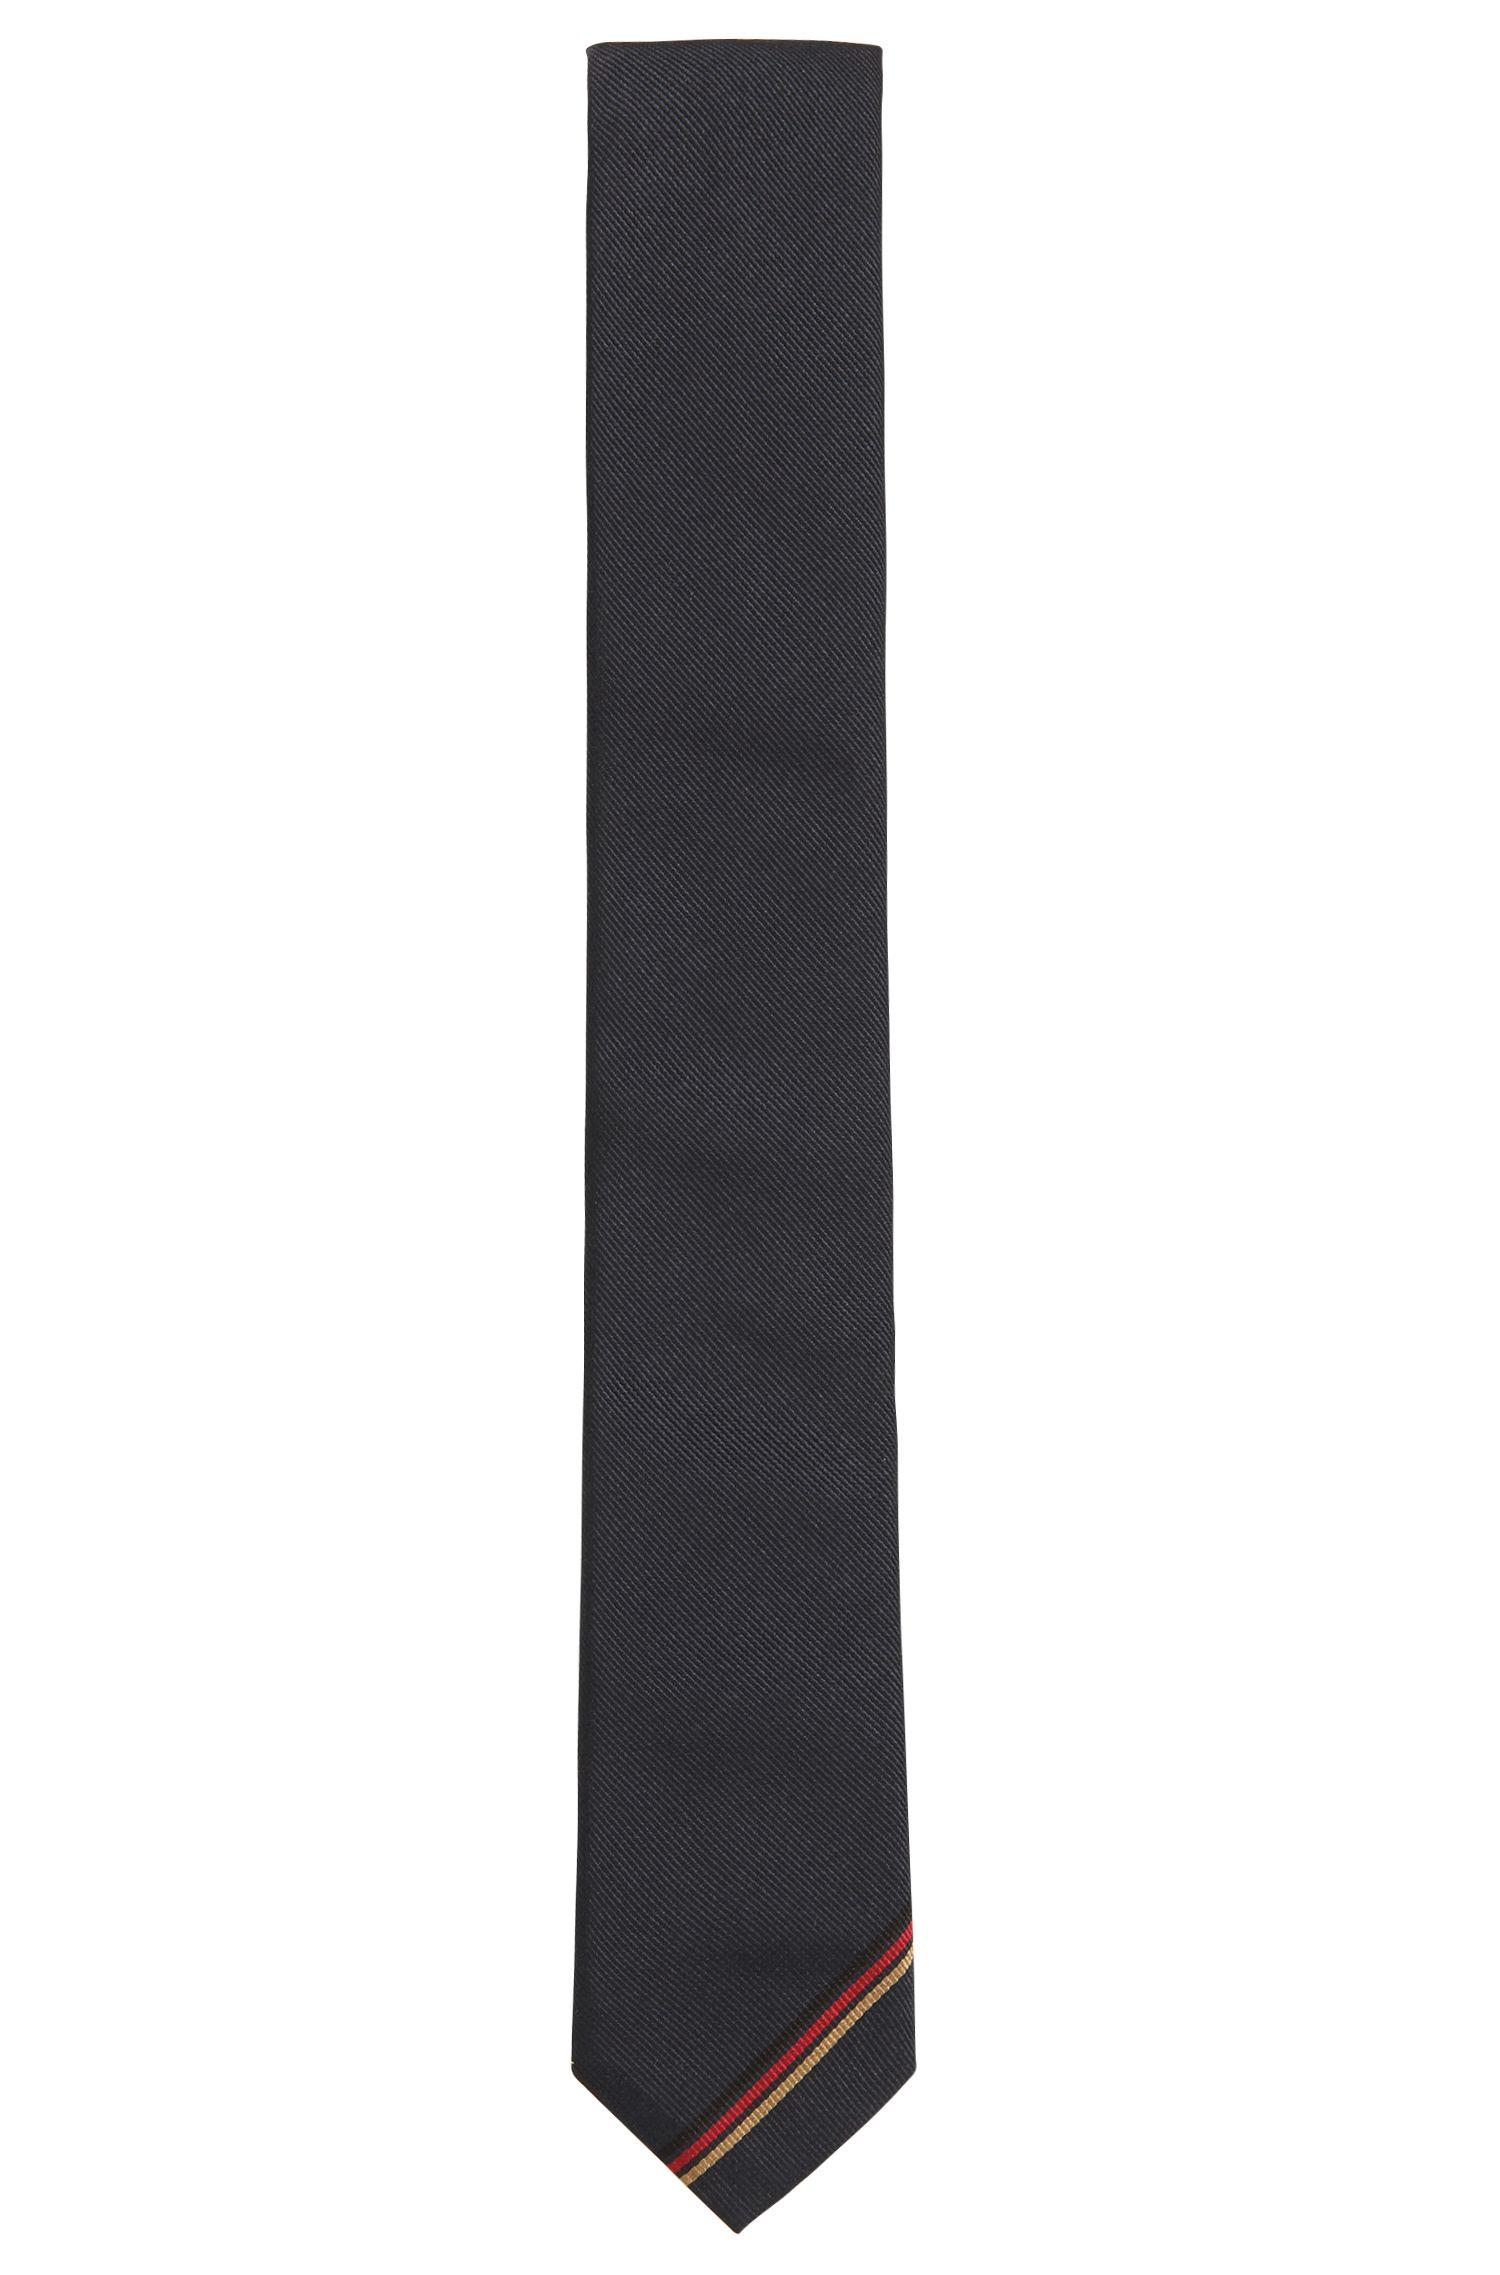 Krawatte aus Seide mit deutscher Flagge